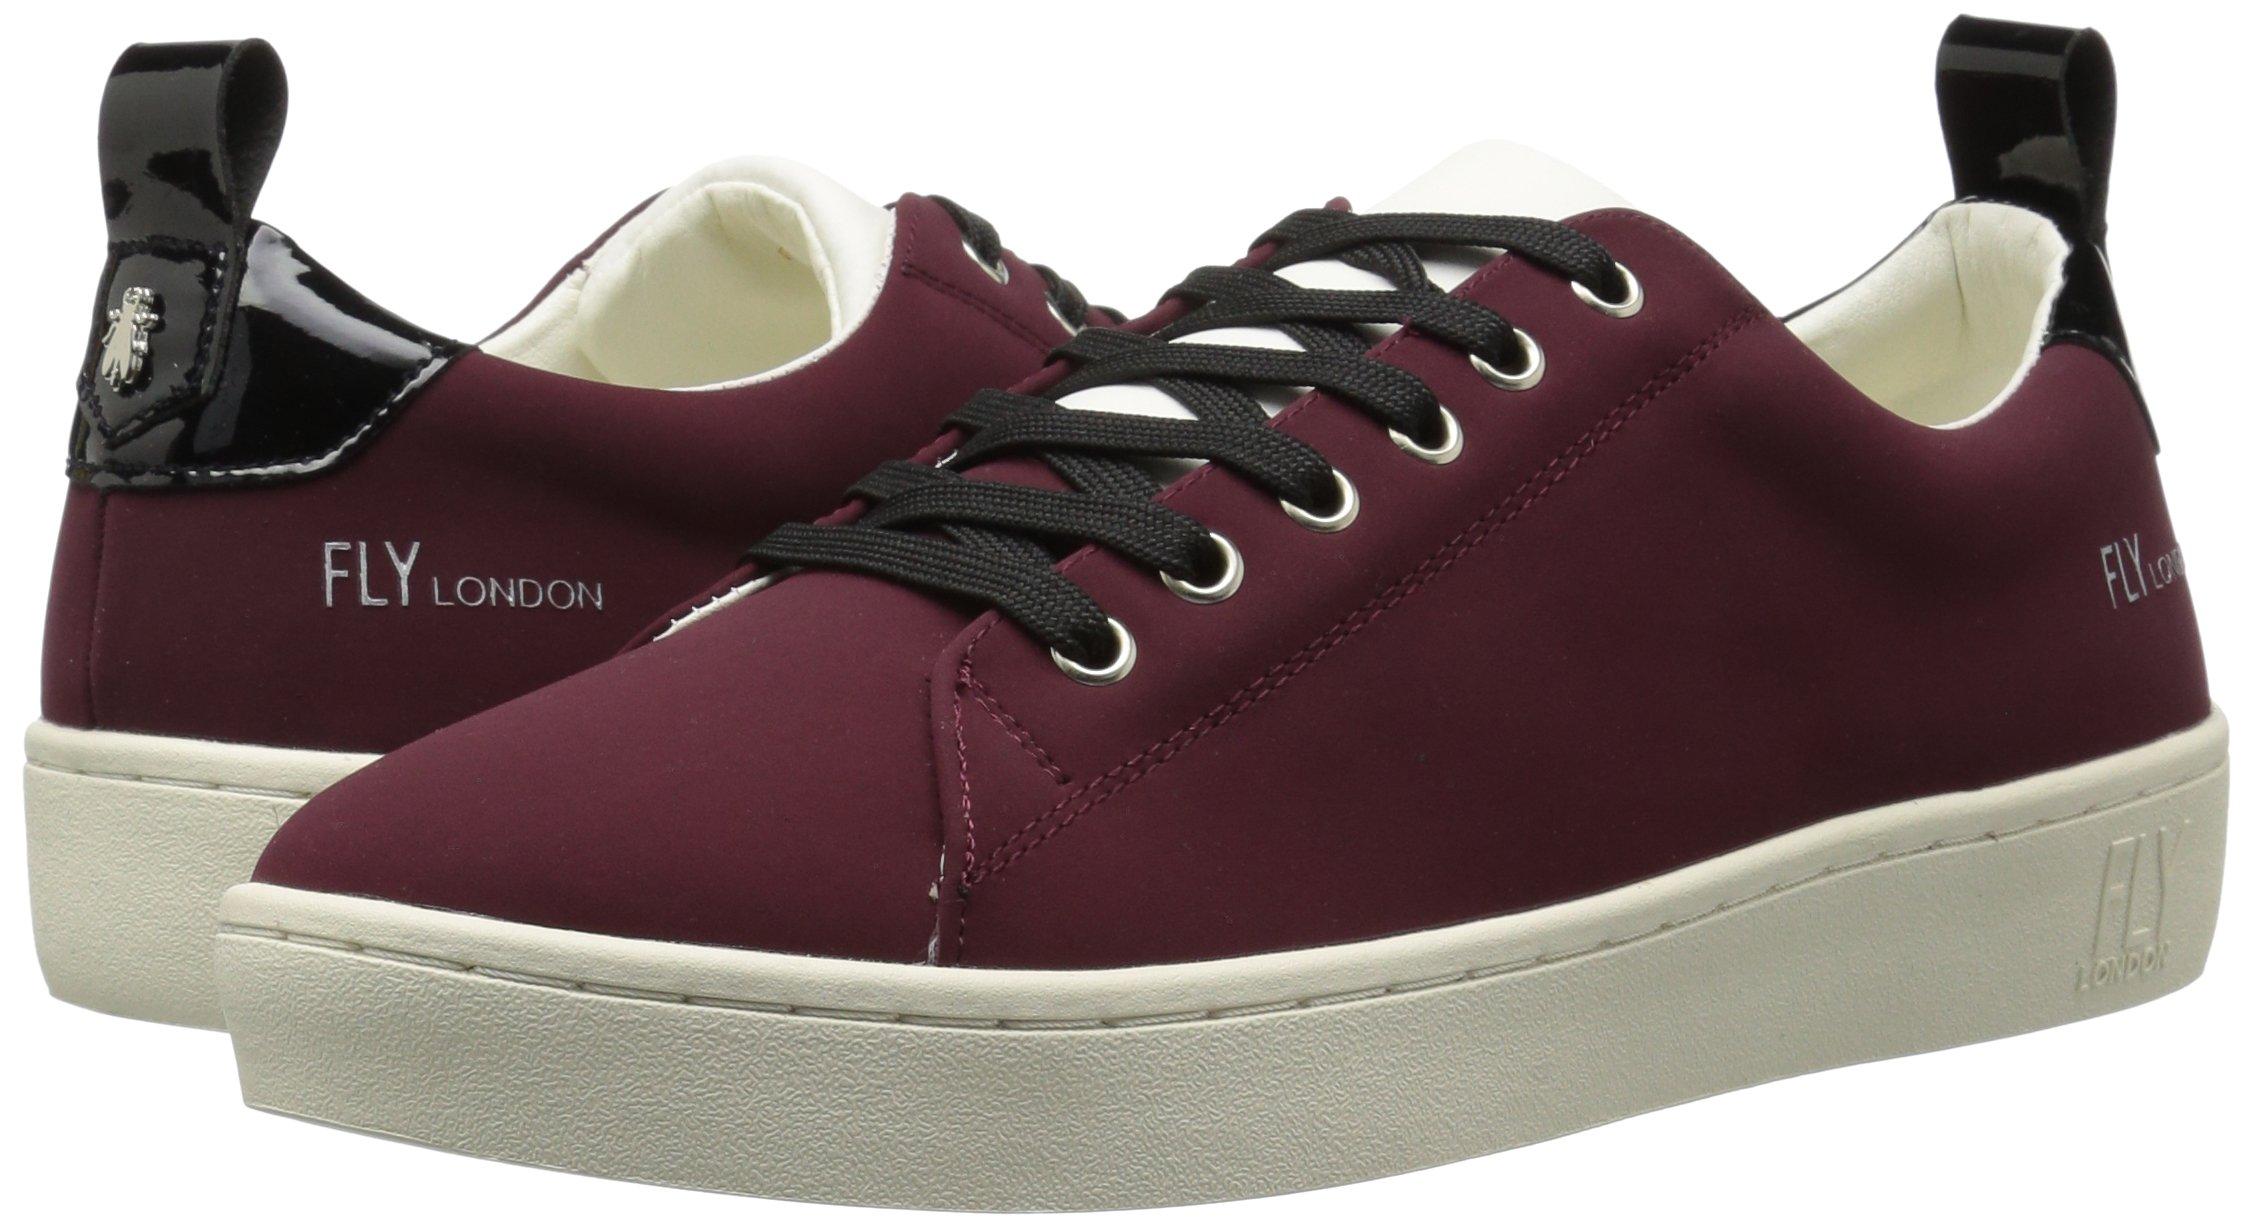 FLY London Women's MACO833FLY Sneaker, Bordeaux/Black Nubuck/Patent, 37 M EU (6.5-7 US) by FLY London (Image #6)